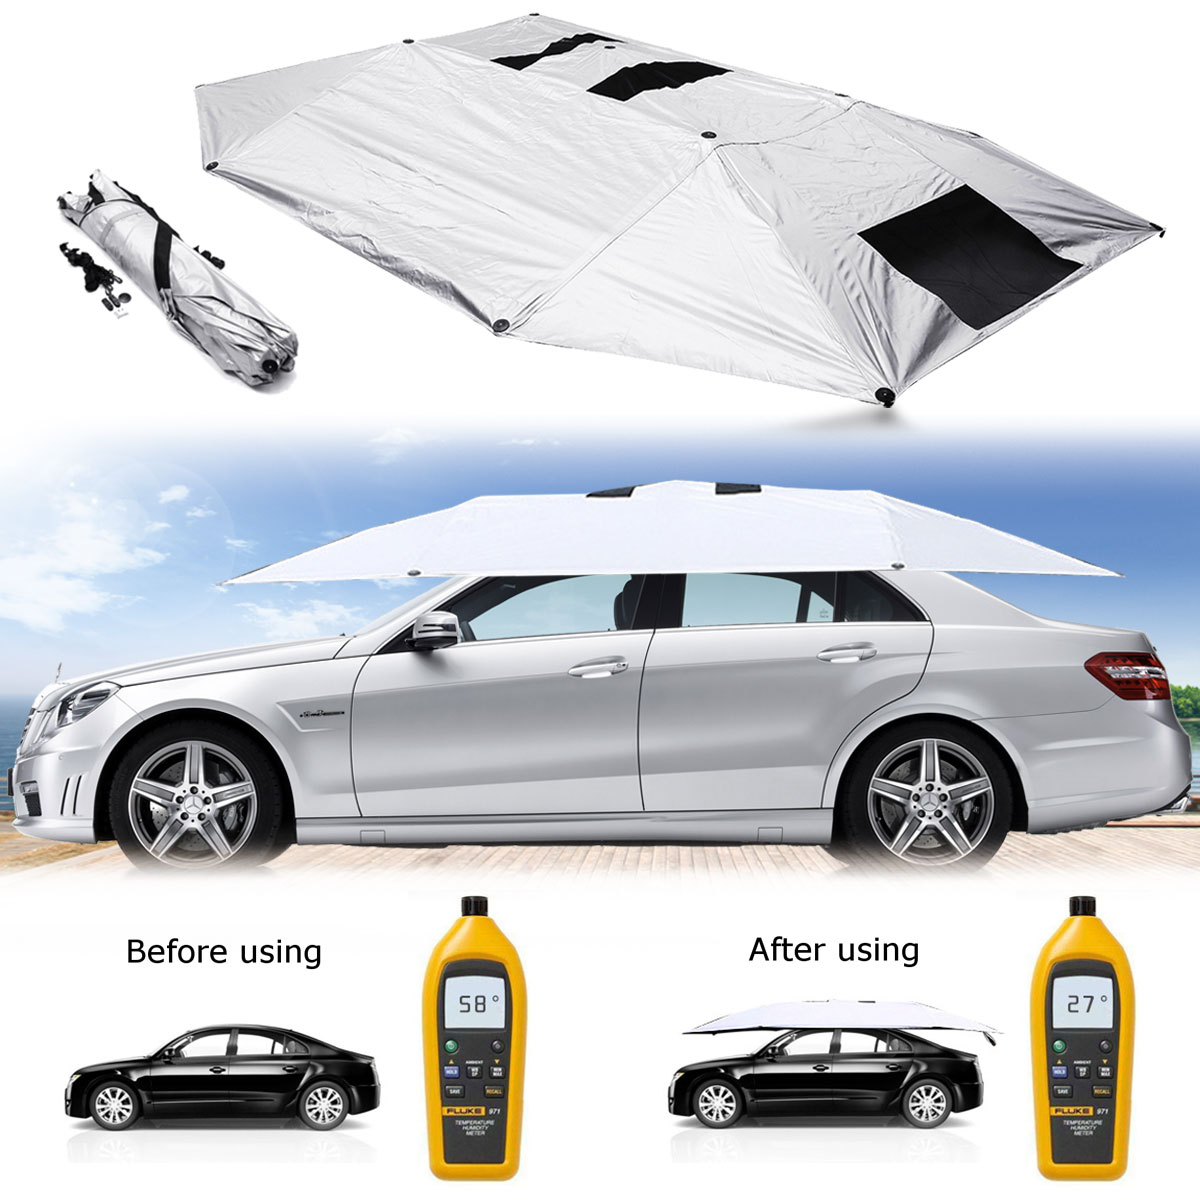 Amovible Portable Tente De Voiture En Plein Air Parapluie Toit Pare-soleil UV Protection Pare-Soleil De Voiture Accessoires De Voiture De Protection Solaire